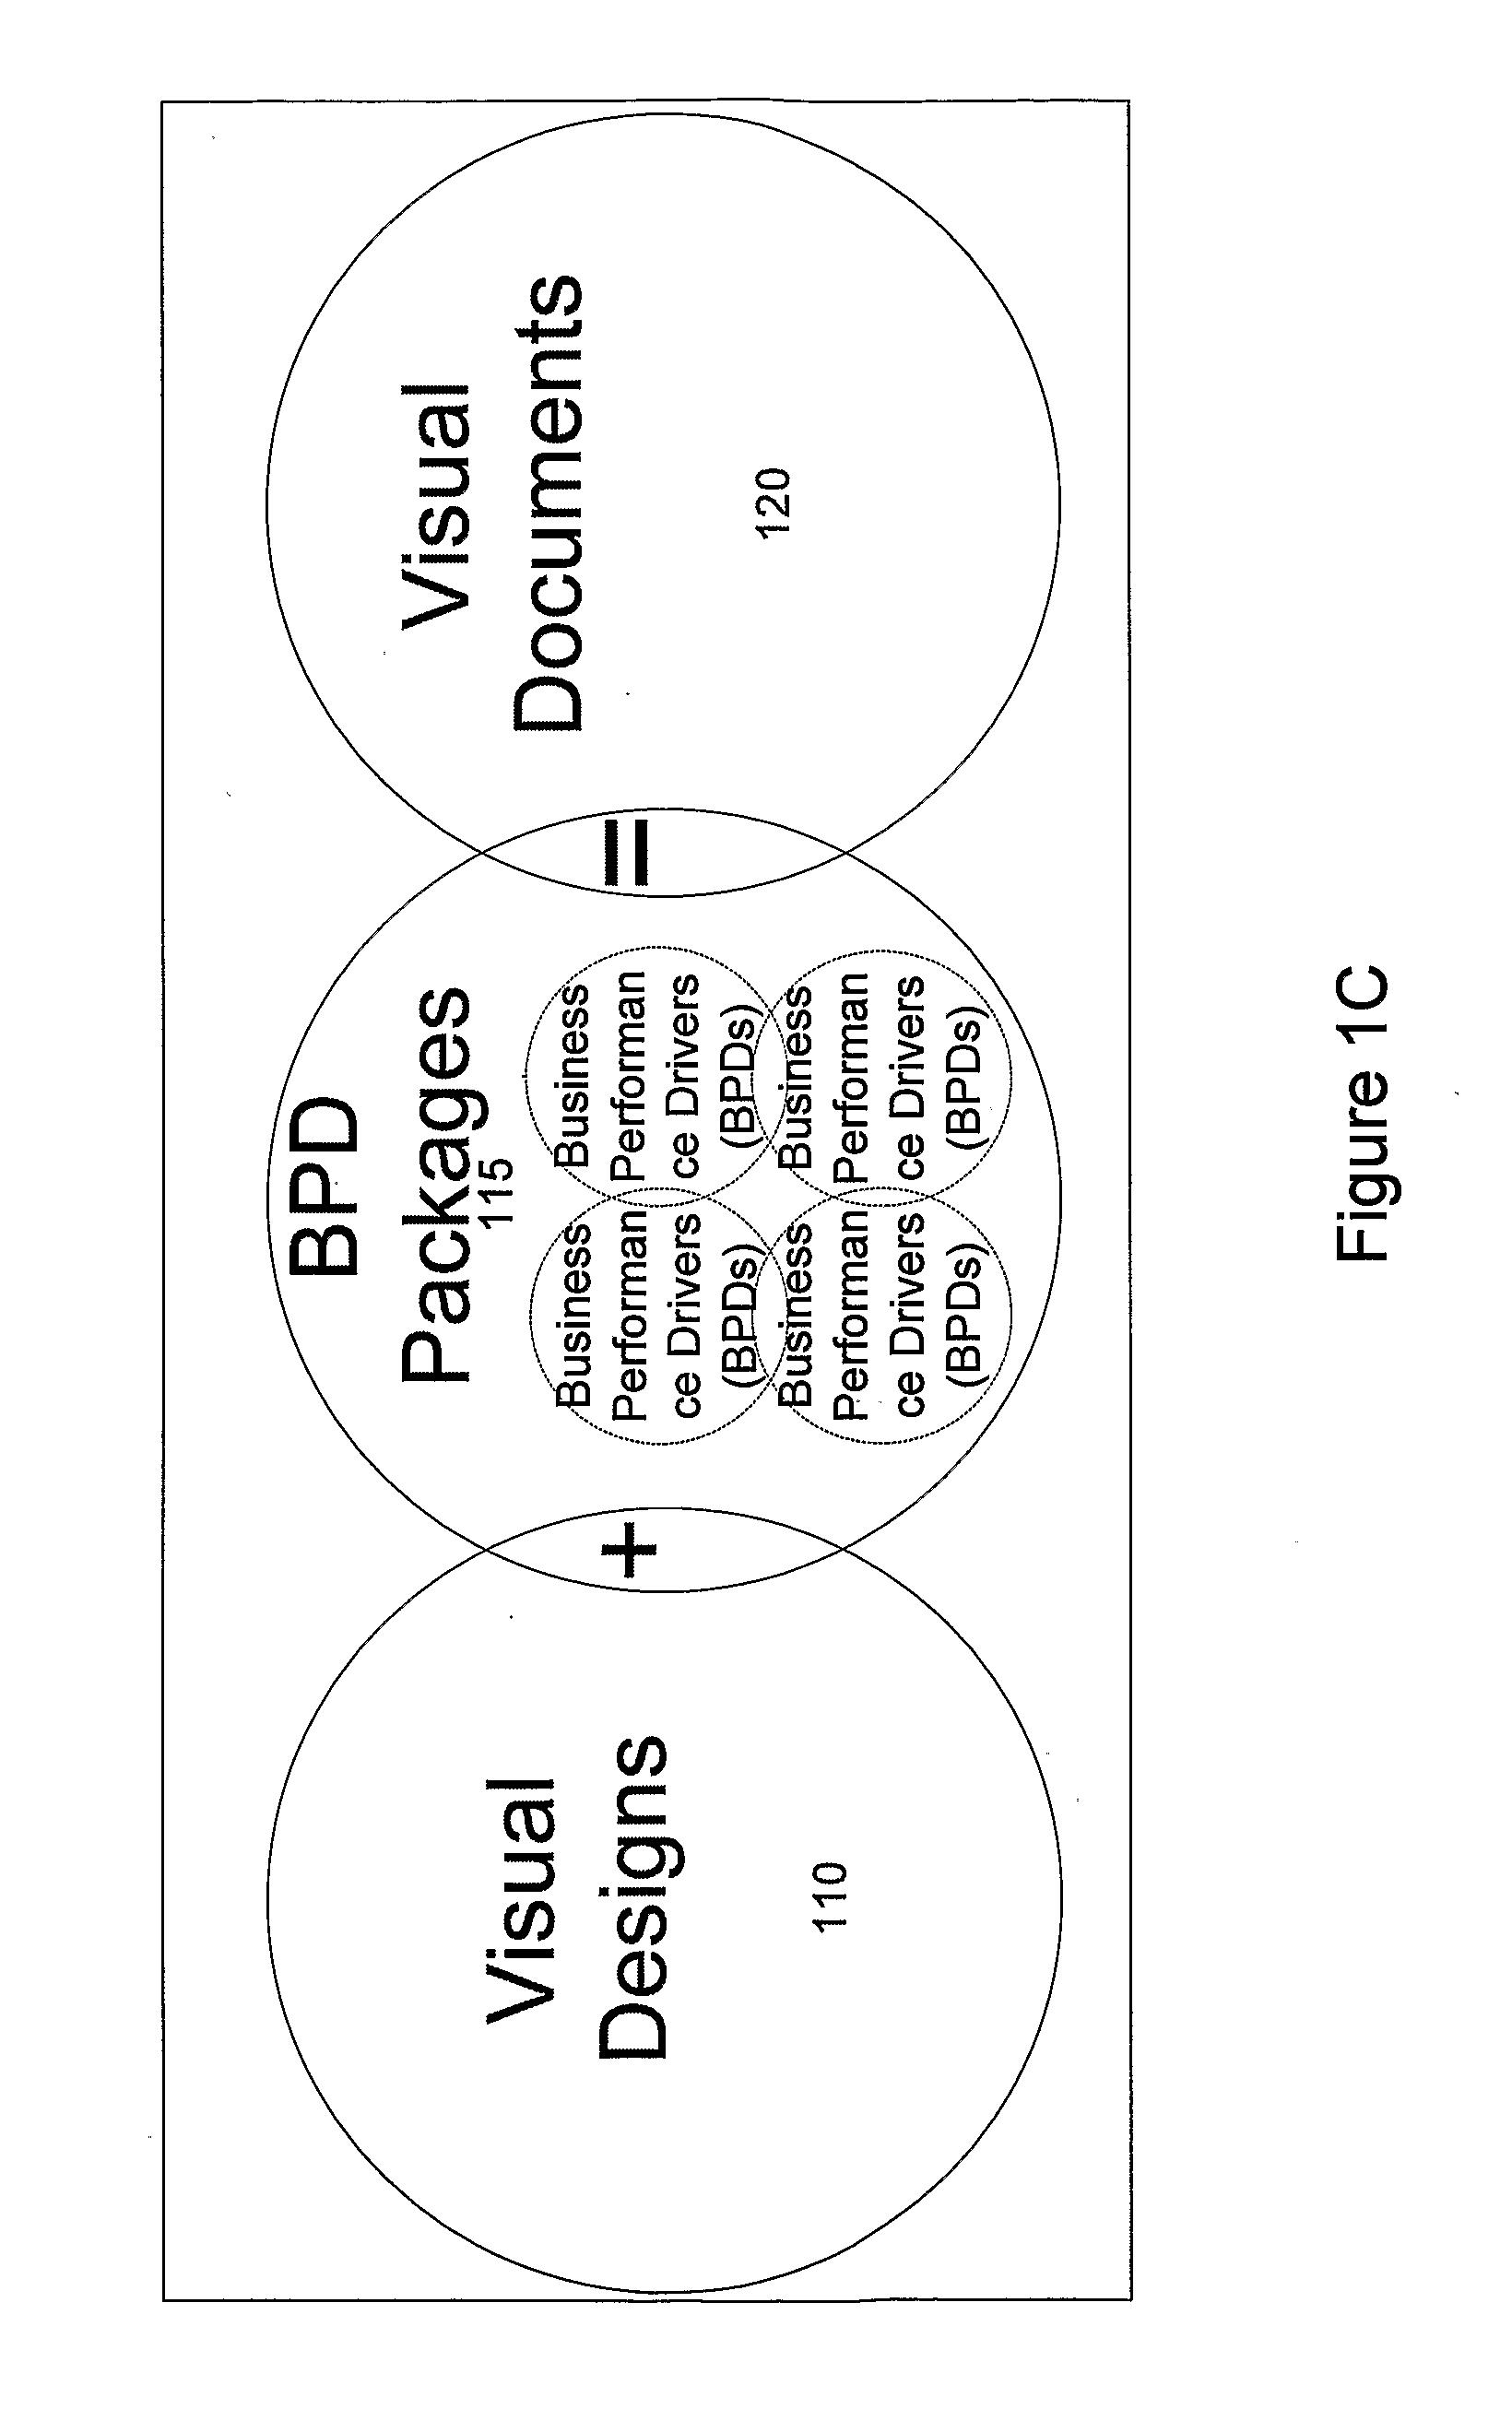 براءة الاختراع US20110261049 - Methods, apparatus and